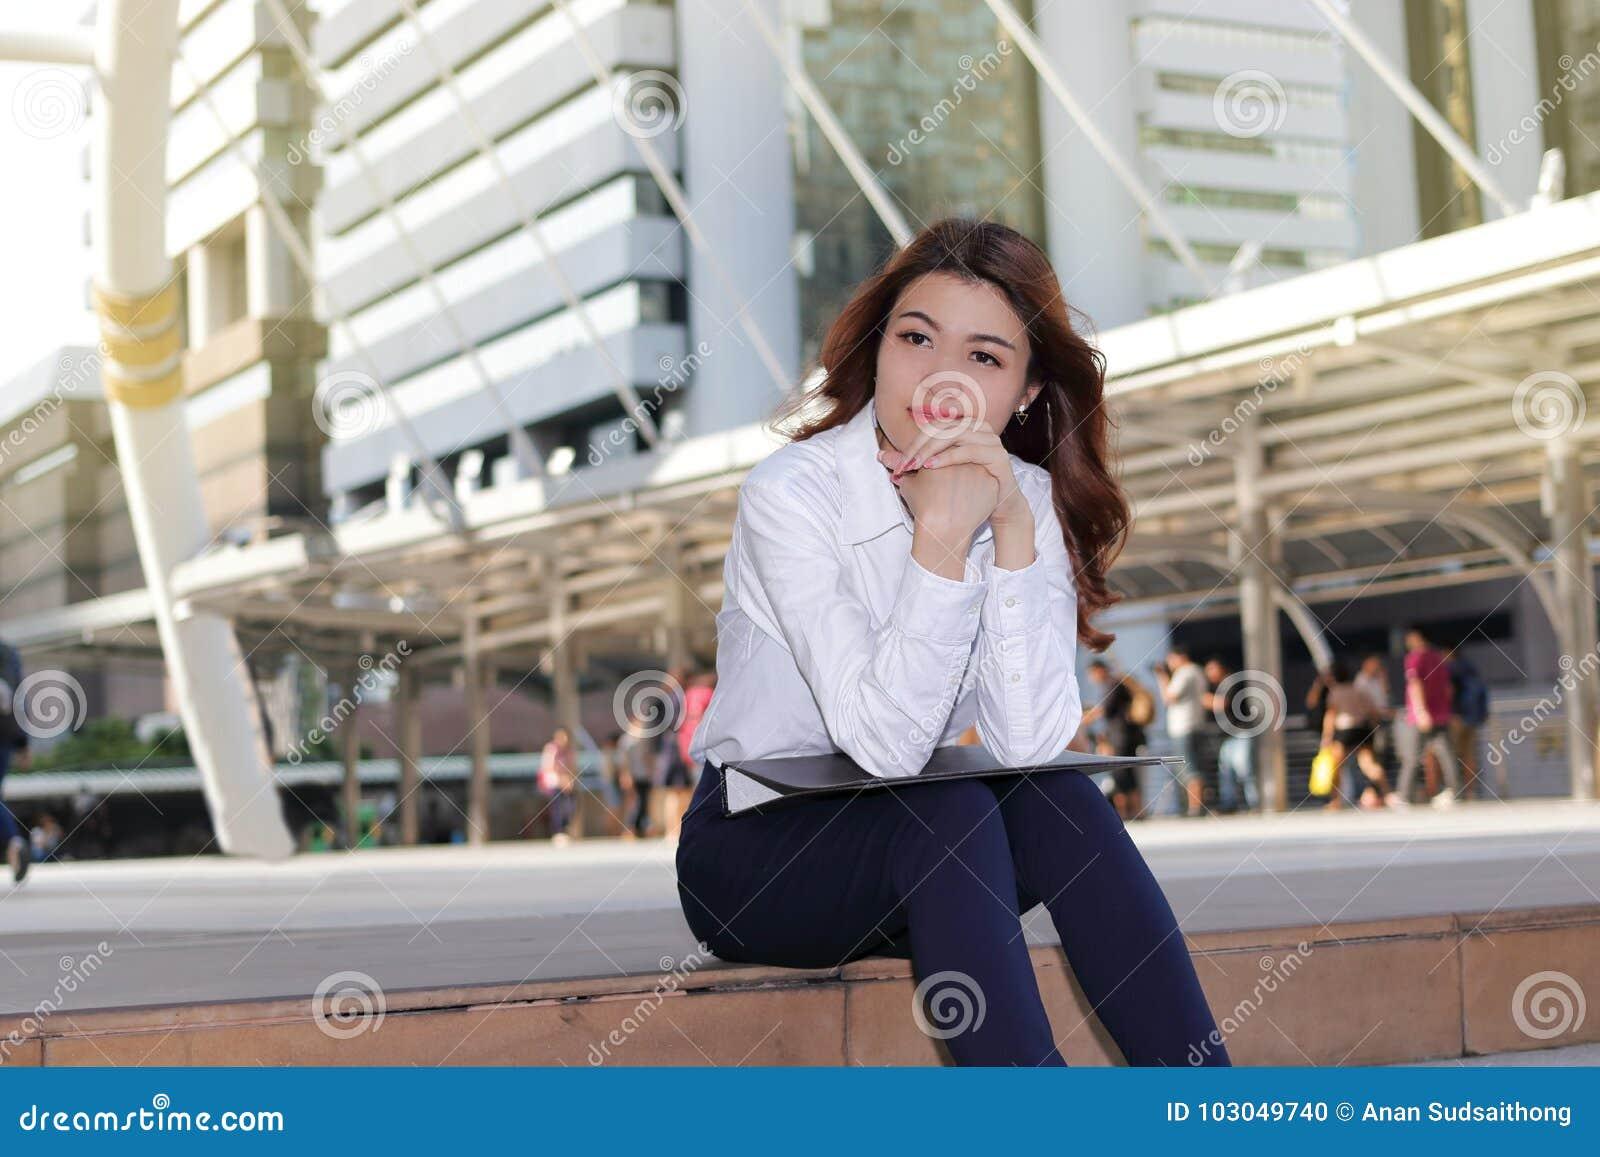 Portrait de la jeune femme asiatique d affaires de chef pensant et s asseyant sur l escalier à l arrière-plan urbain de bâtiment